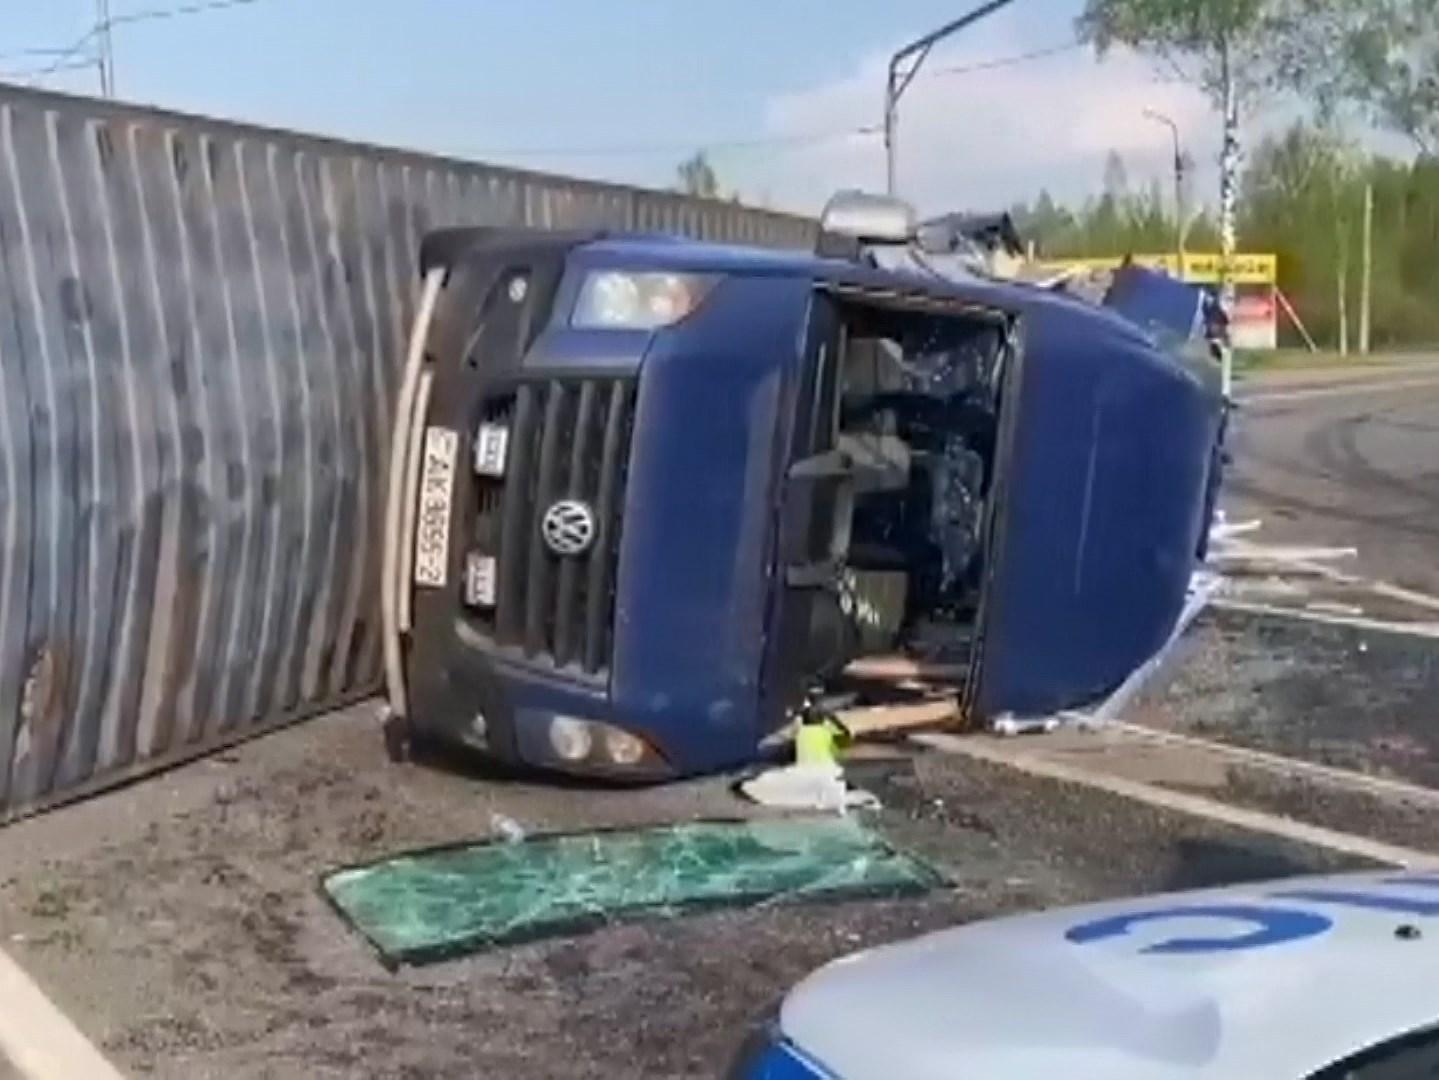 Пятерых пострадавших в аварии с фурой в Смоленской области выписали из больницы